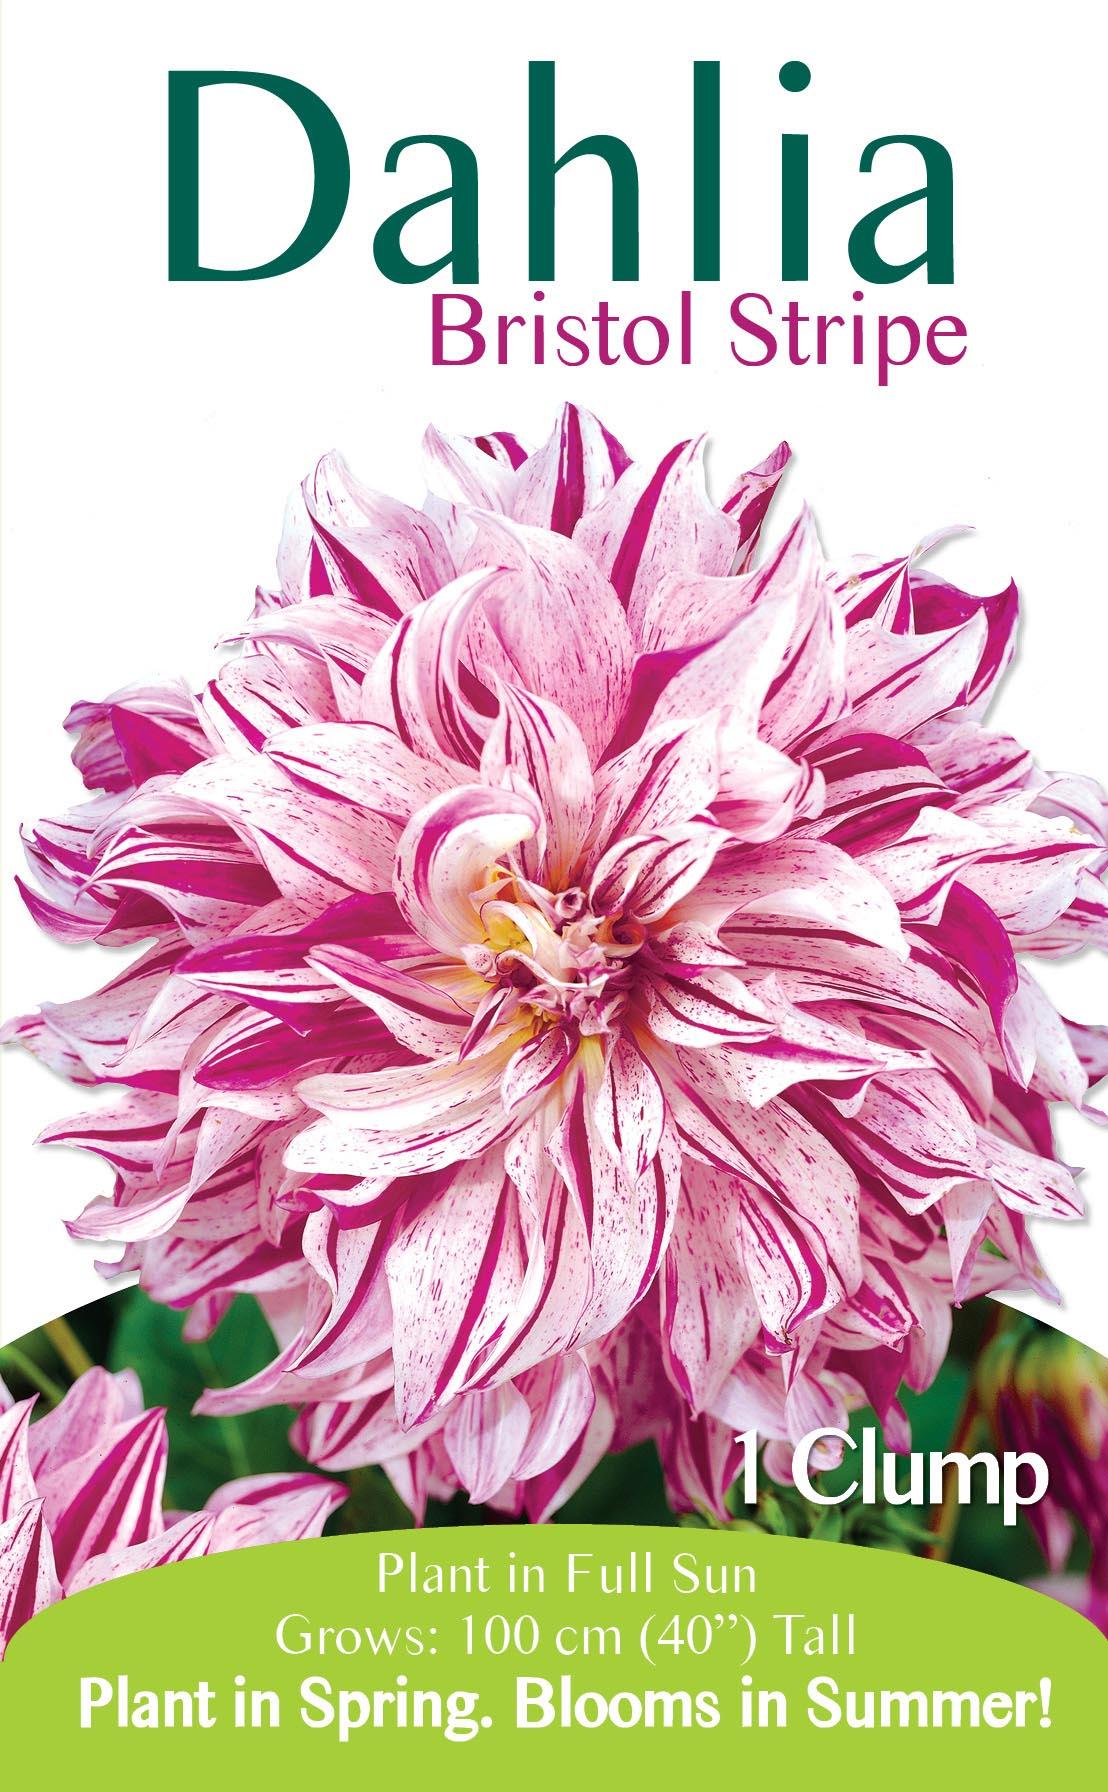 Dahlia Bristol Stripe